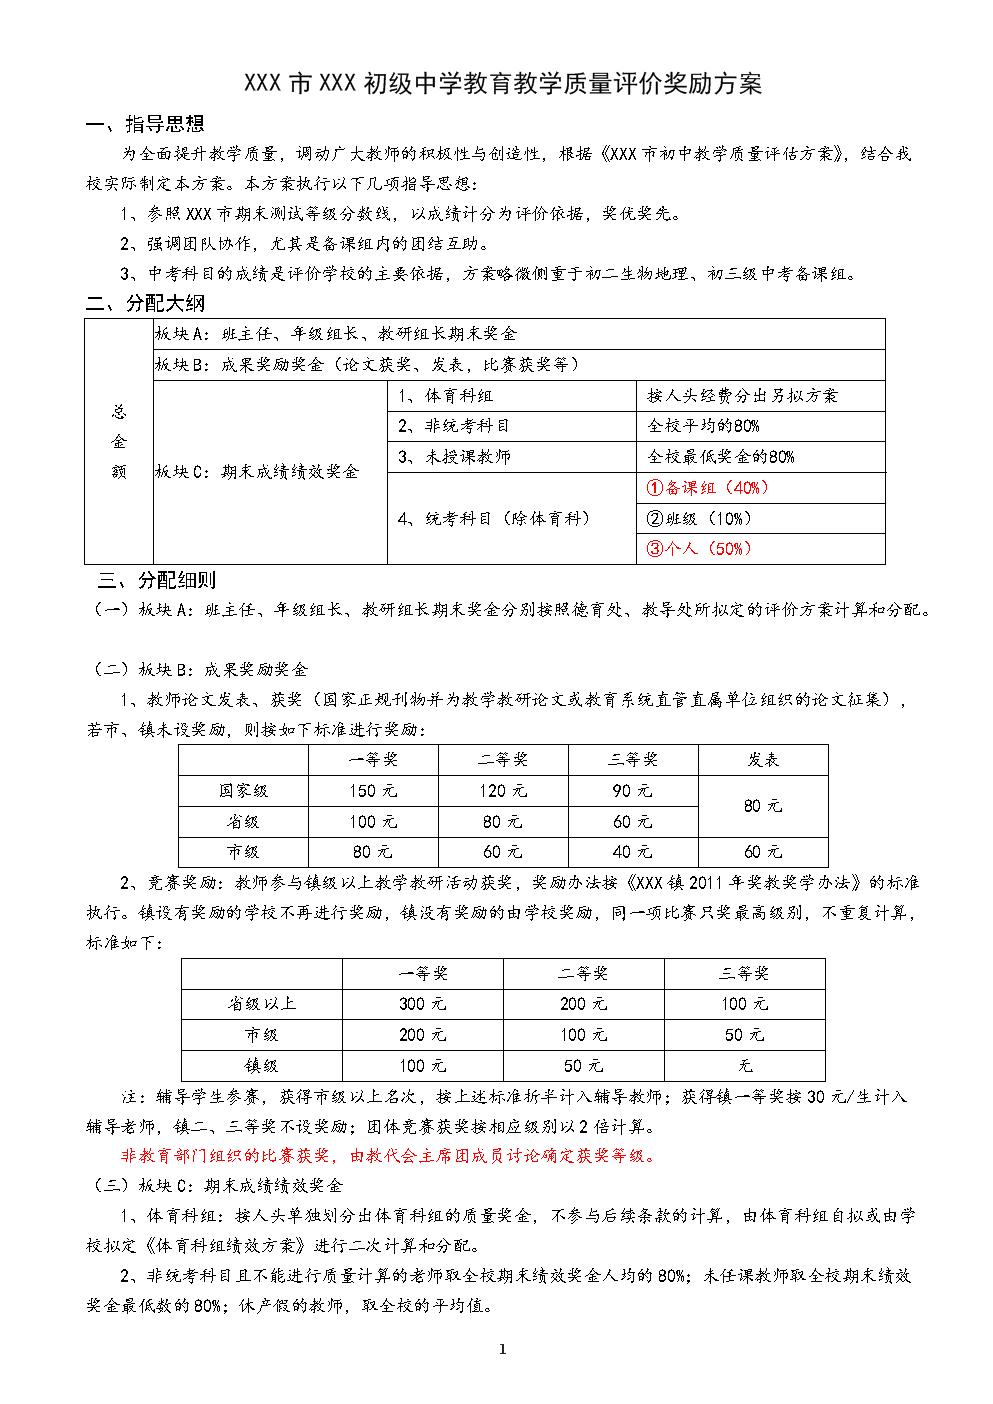 中小学教师教育教学质量评价奖励方案(期末绩效奖金分配方案).doc